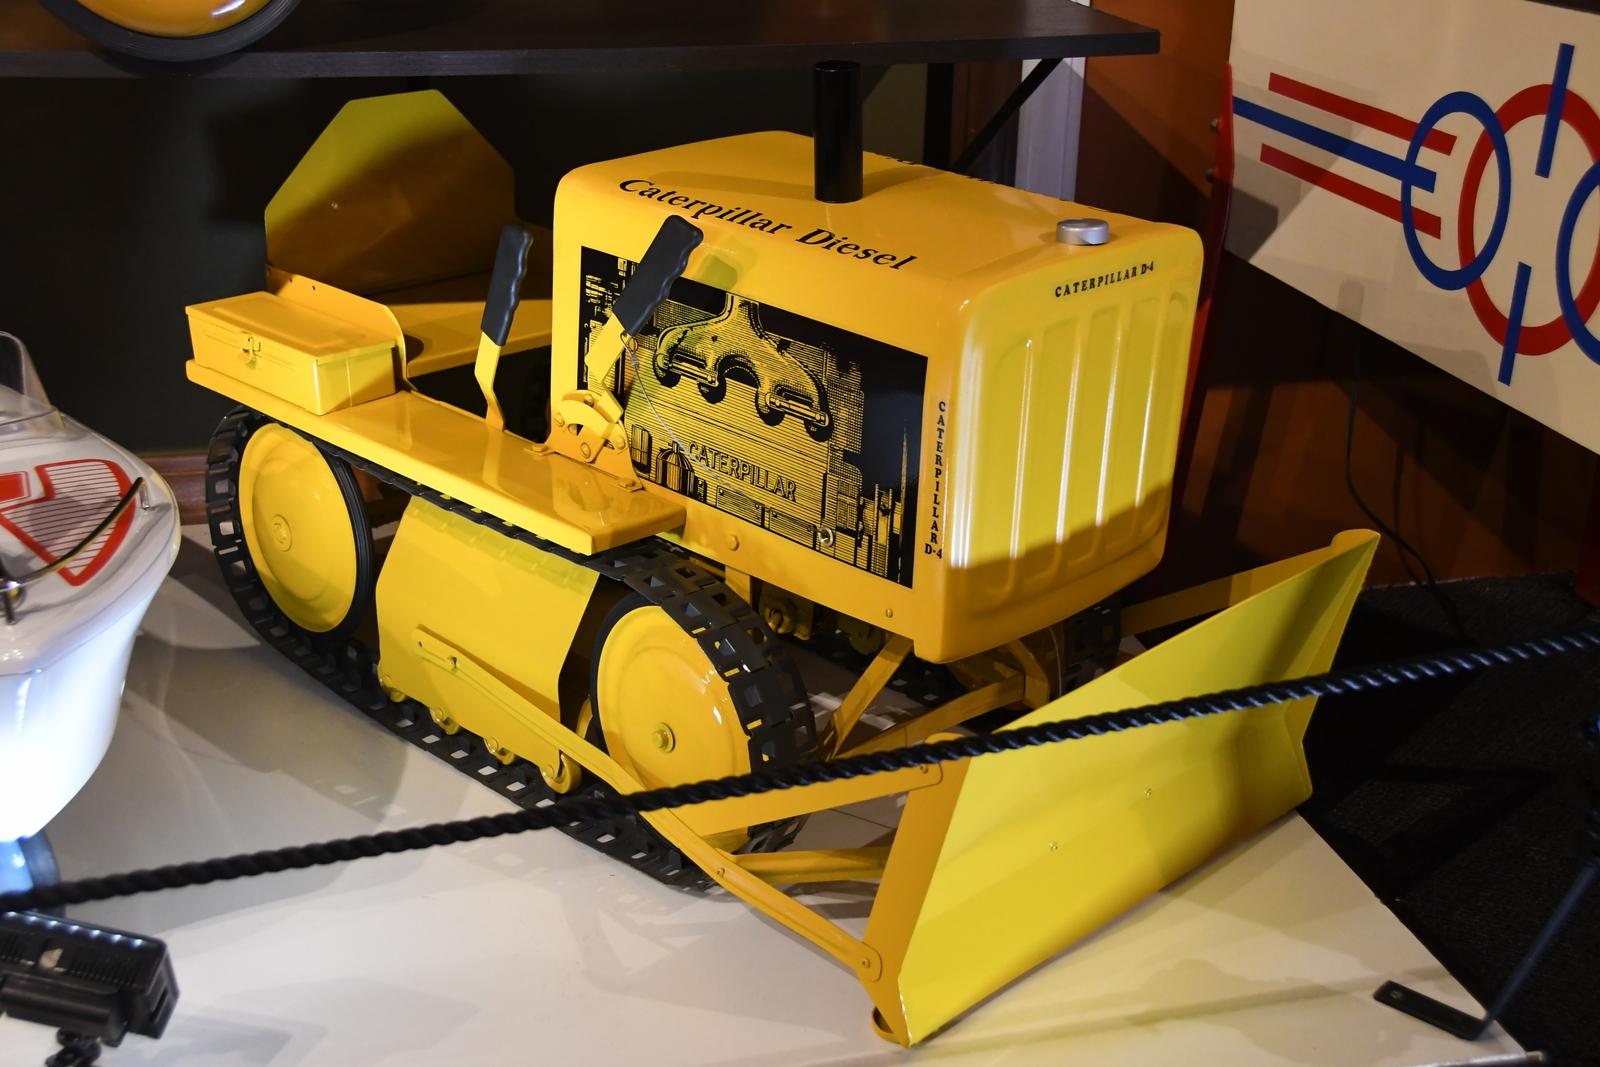 pedal cars caterpillar